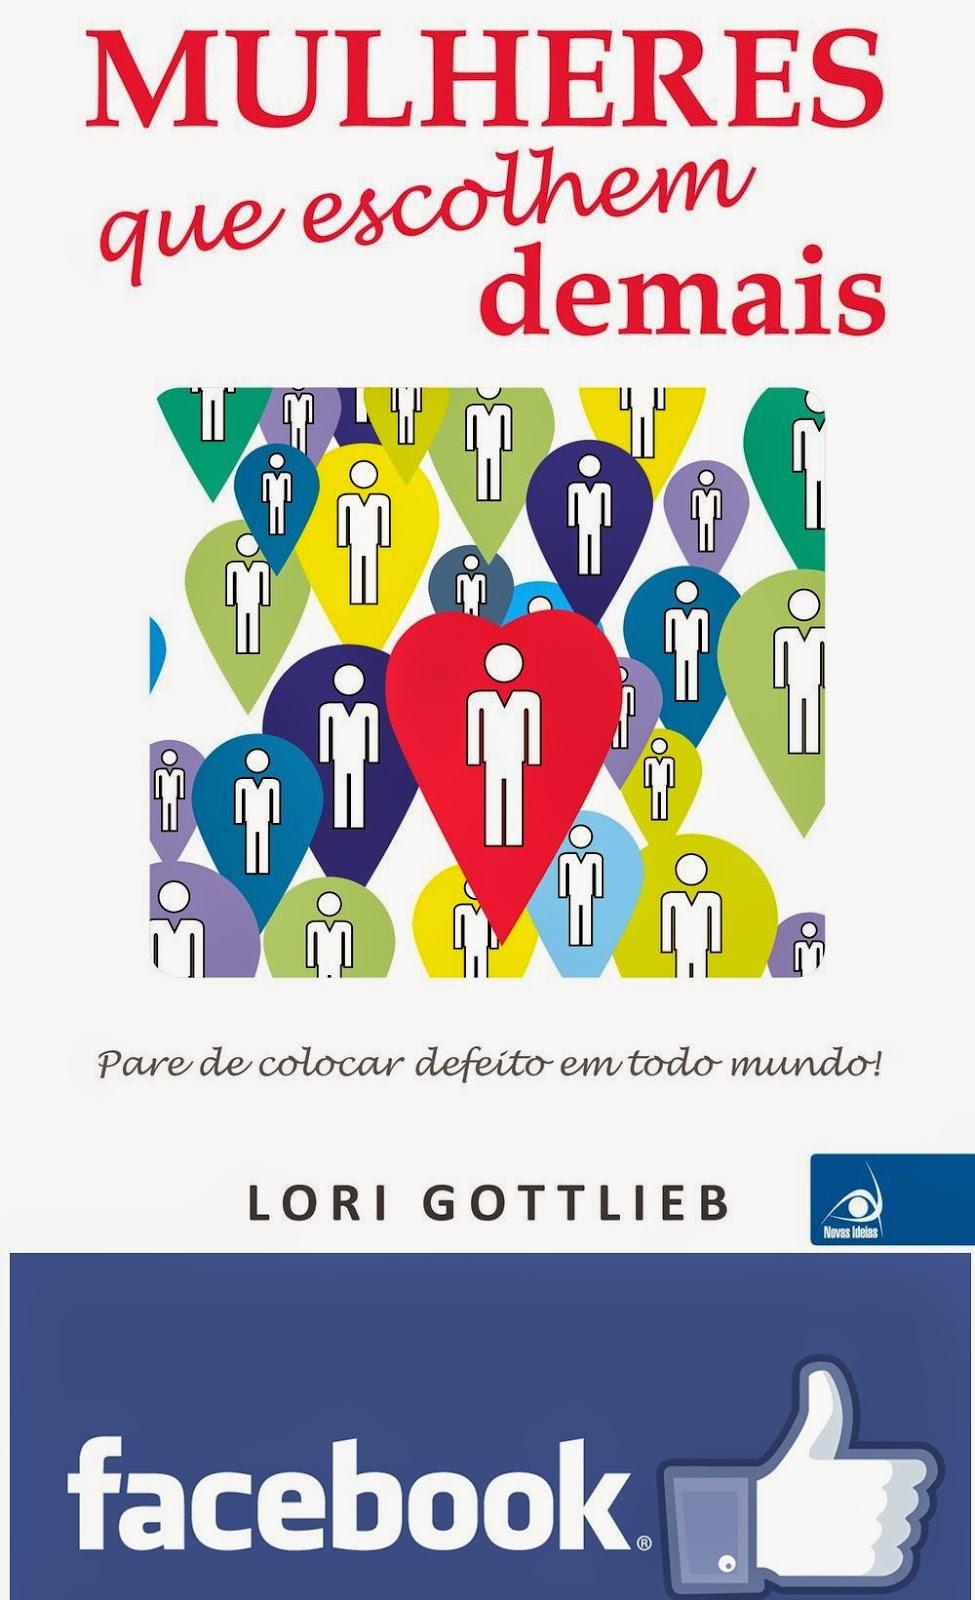 http://www.leituranossa.com.br/2014/06/sorteio-mulheres-que-escolhem-demais-no.html